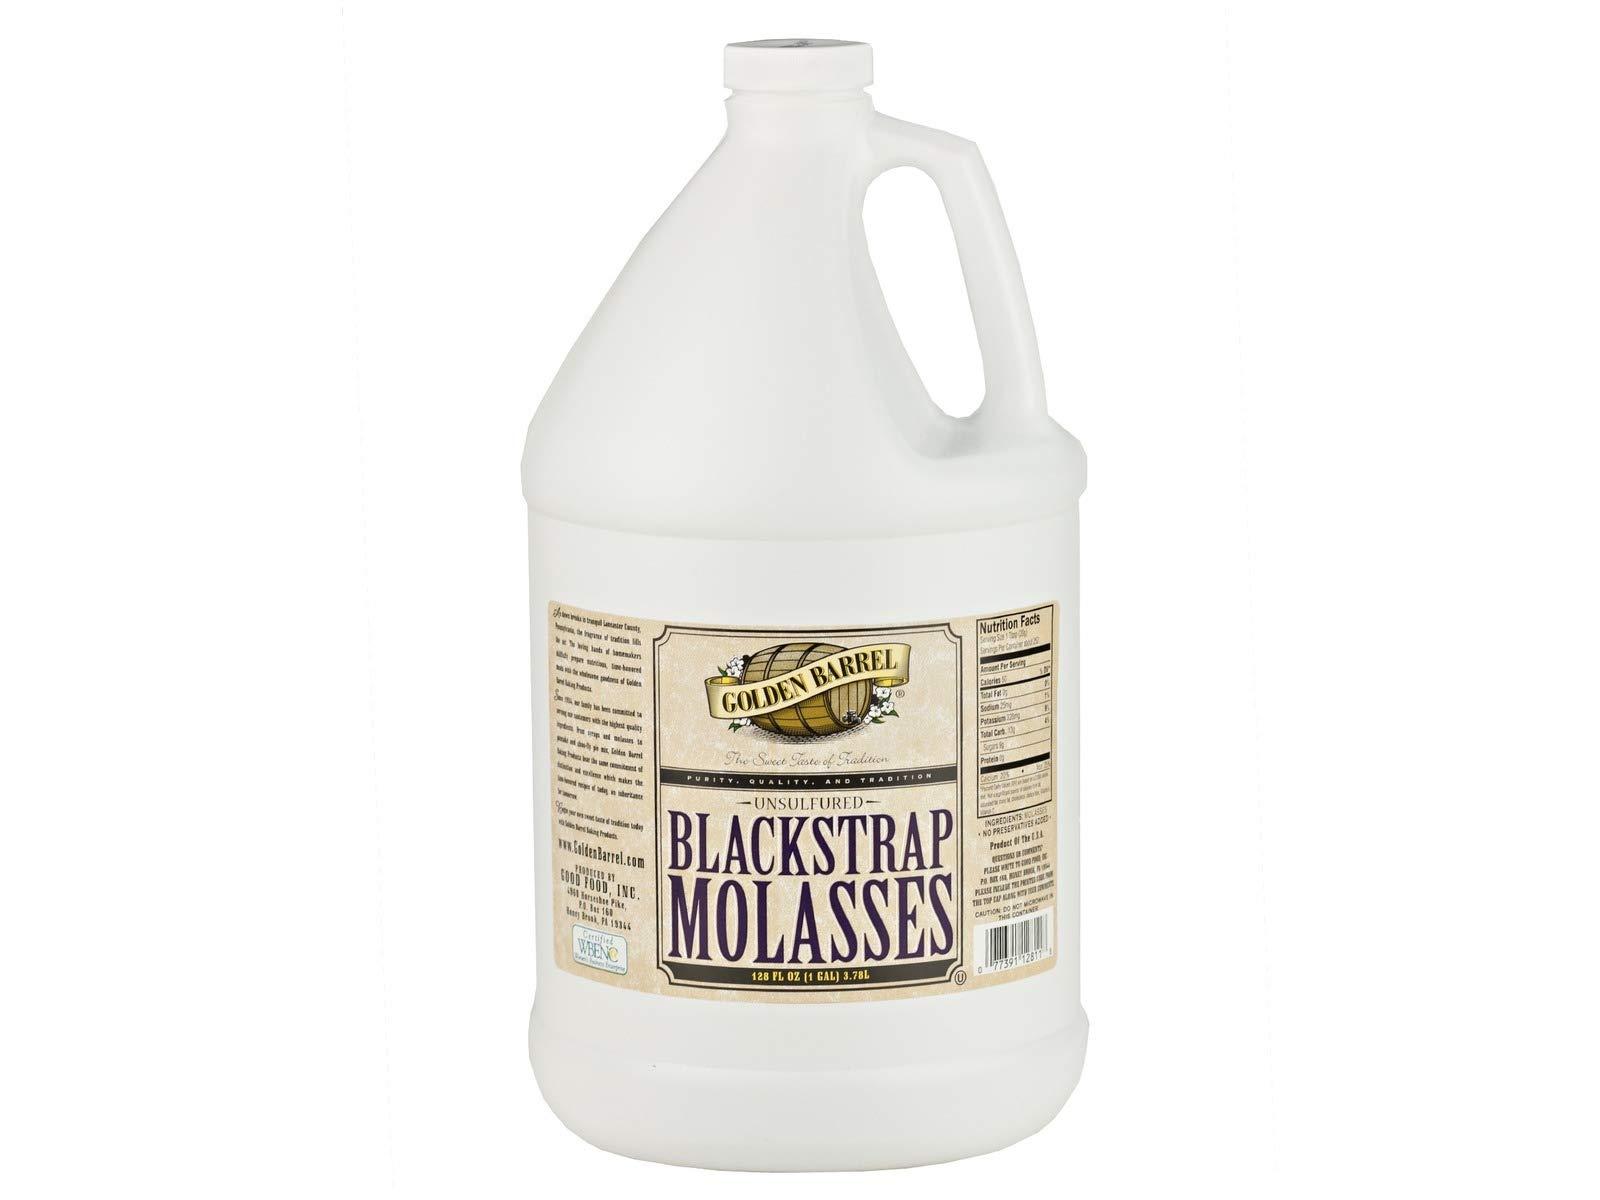 Golden Barrel Unsulfered Blackstrap Molasses (2-1 Gallon Jugs)